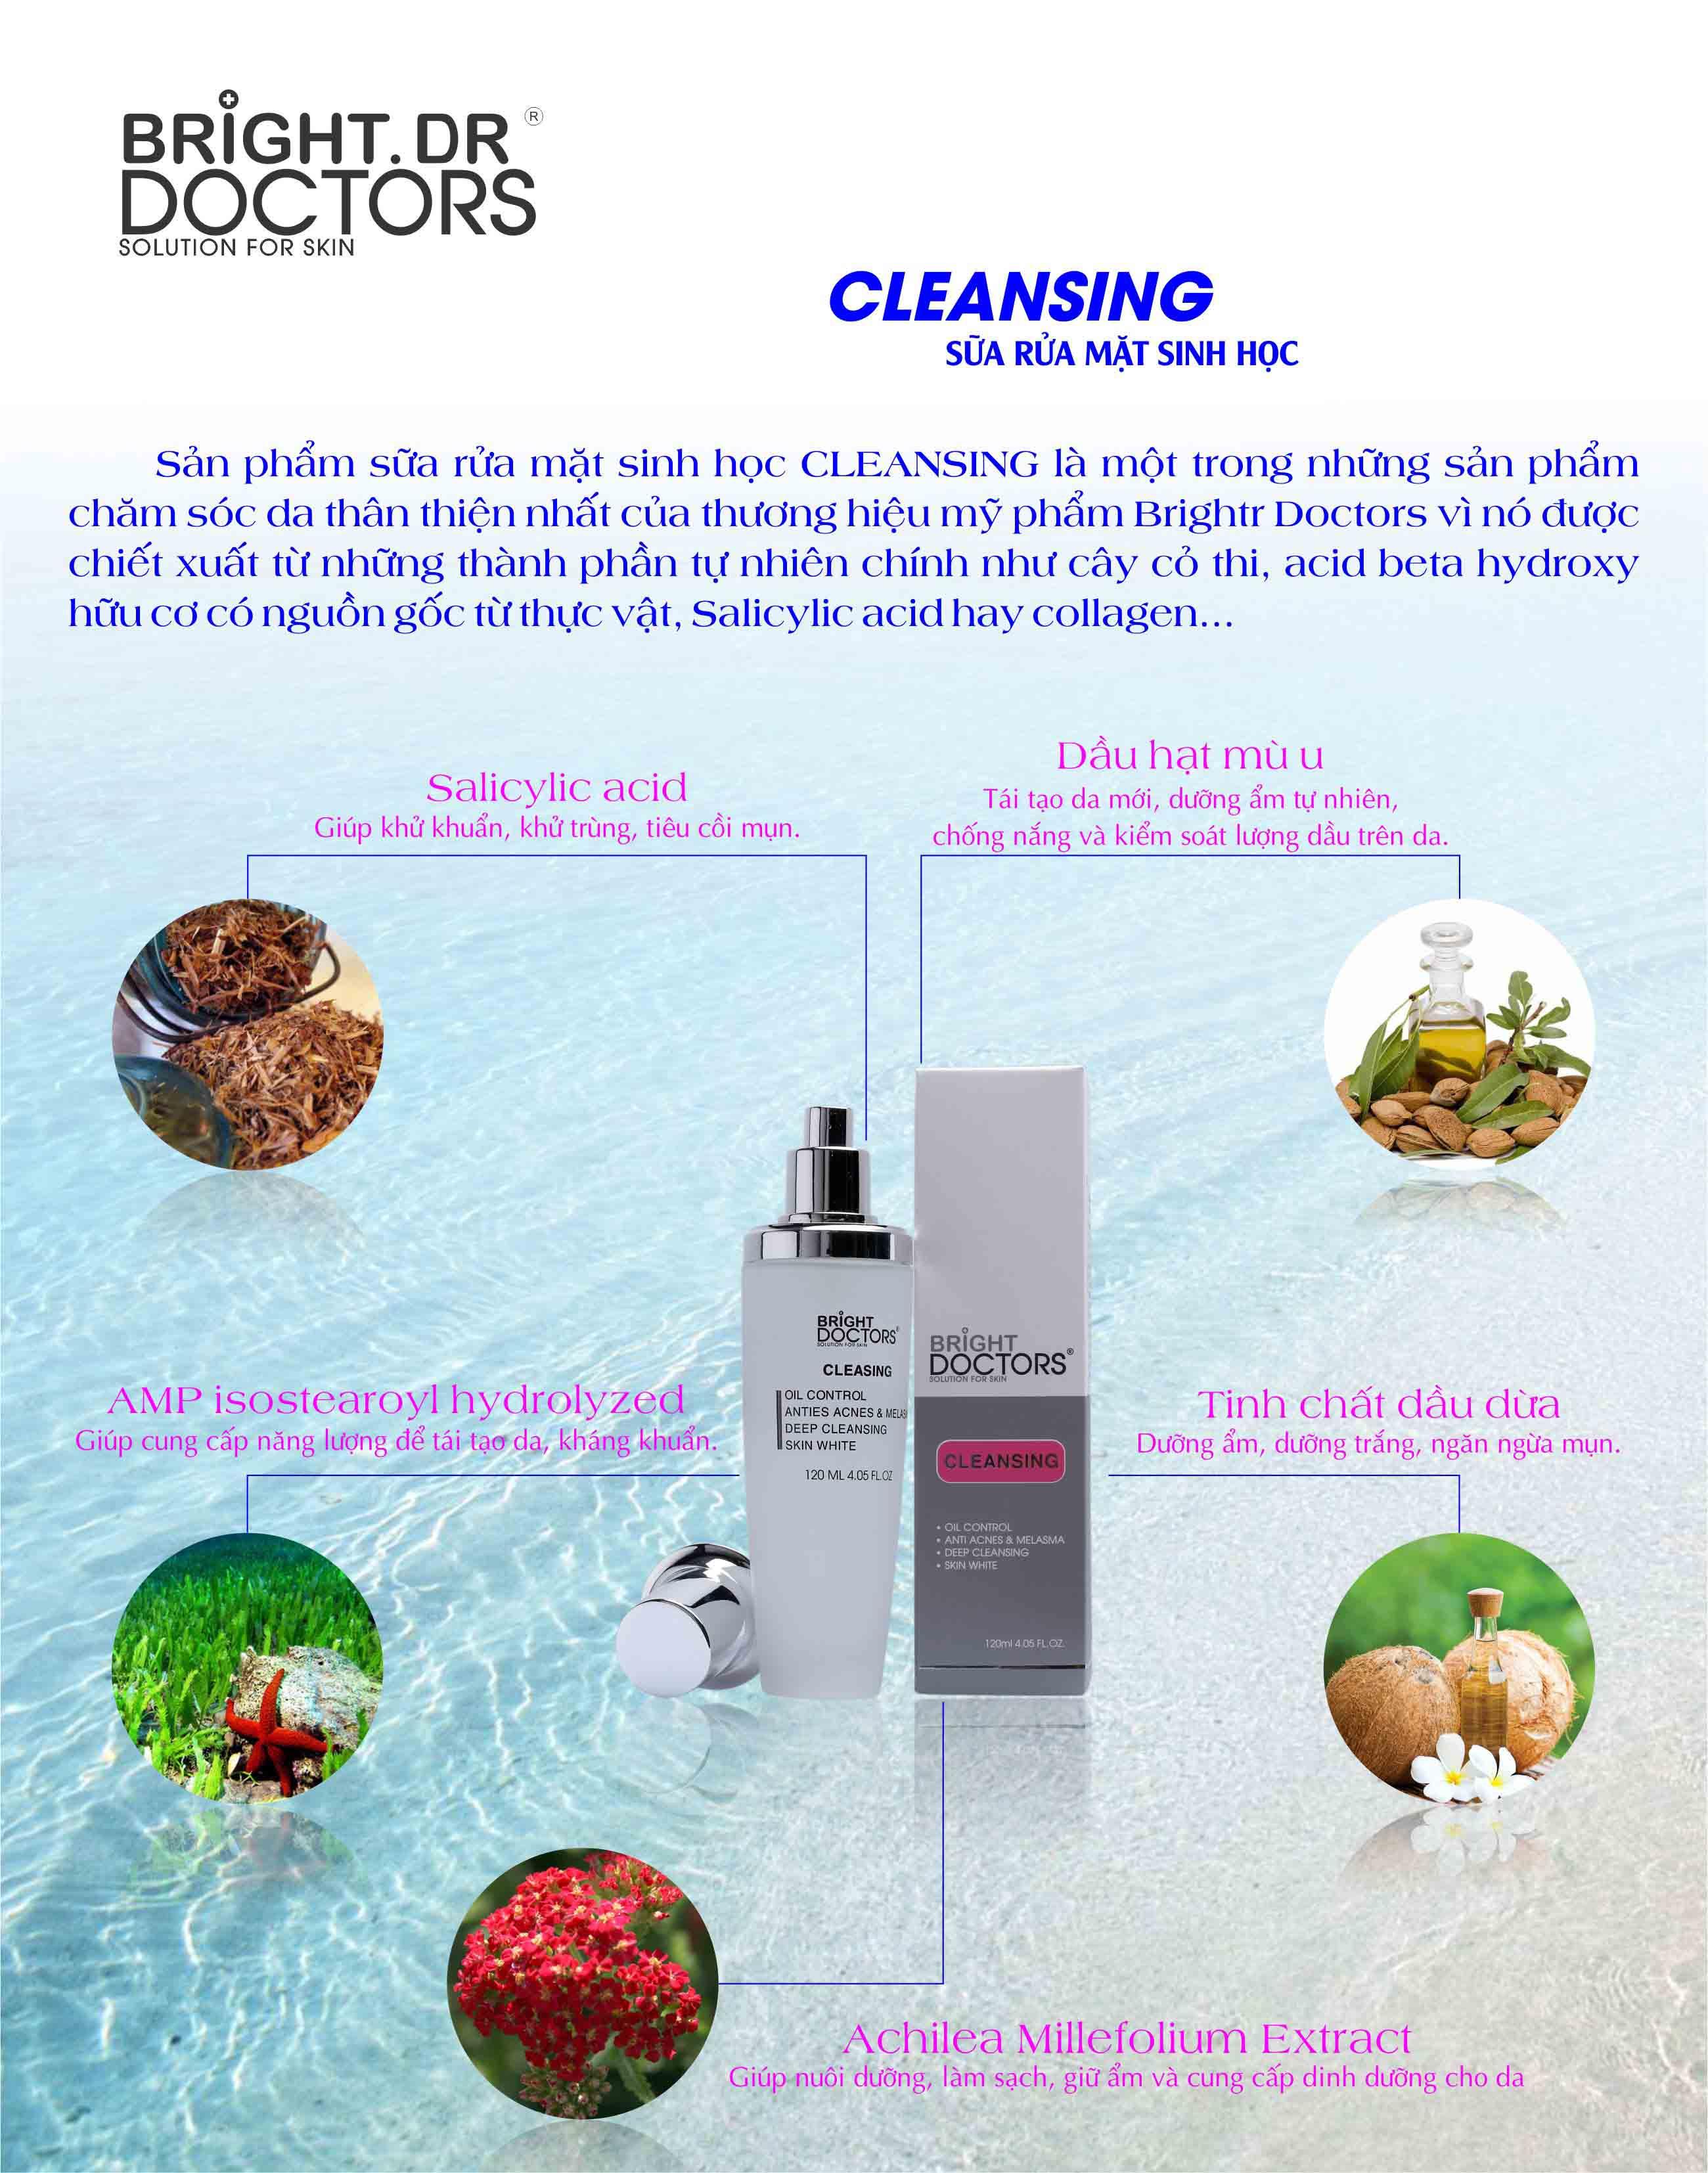 [Hình: cleansing.jpg]